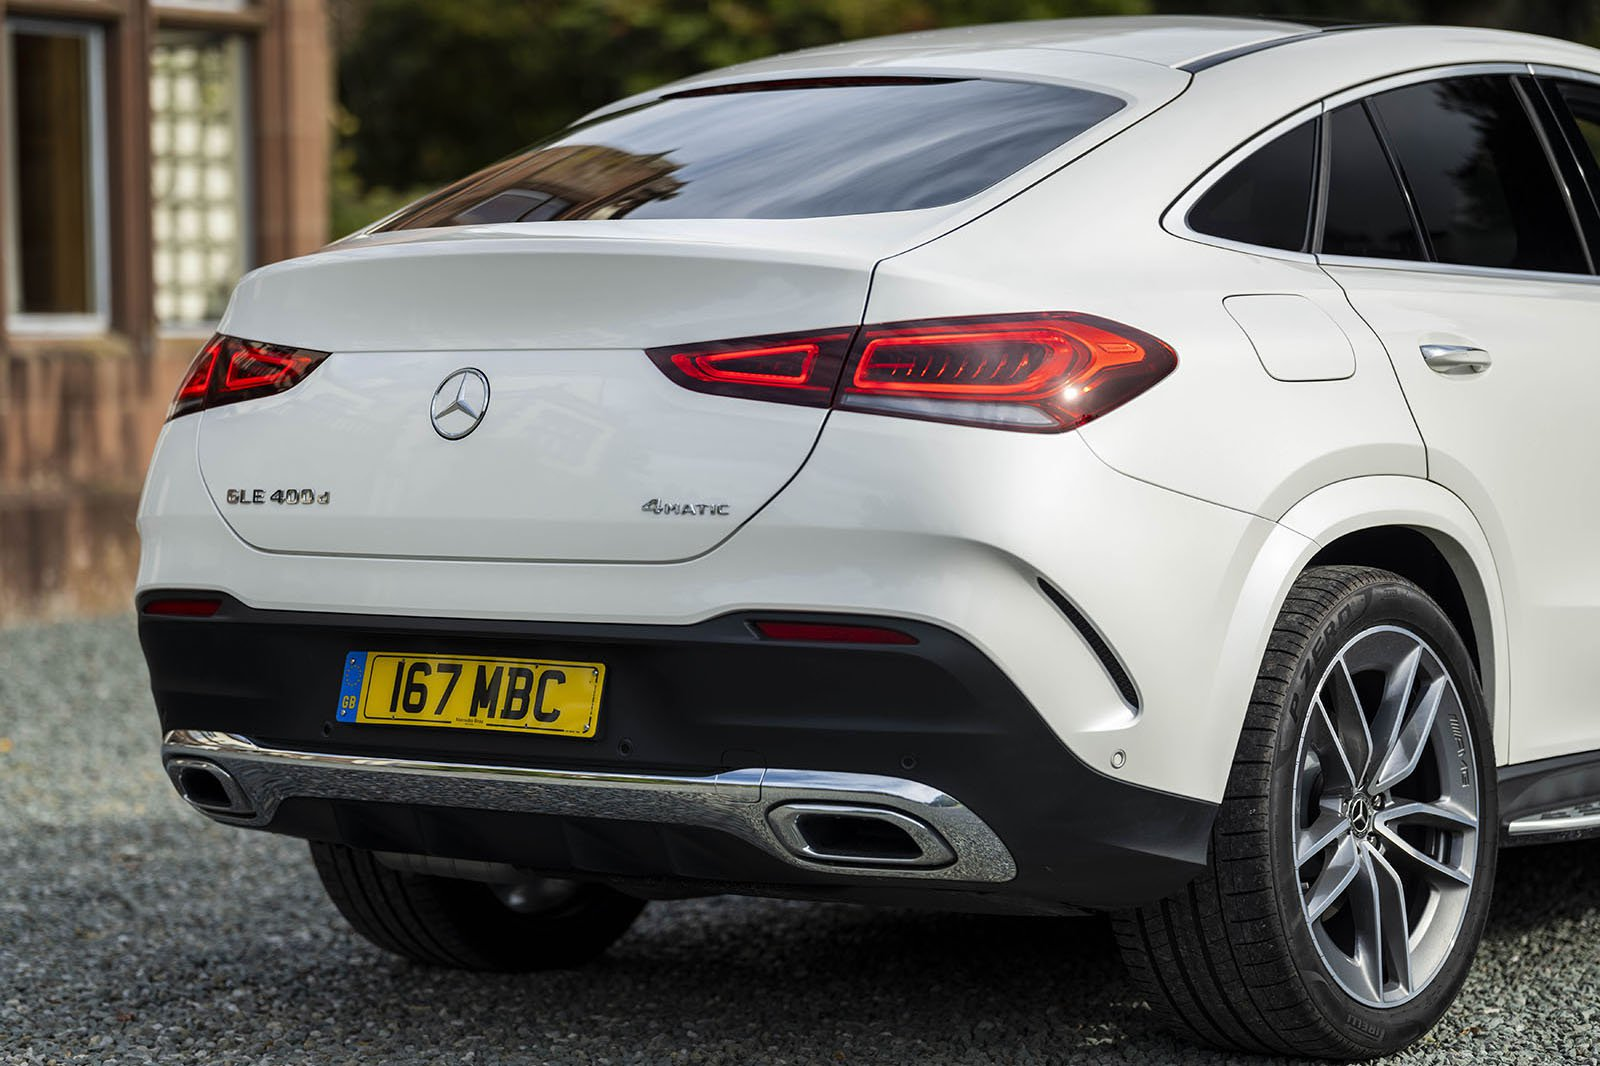 Mercedes GLE Coupé Rear 3/4